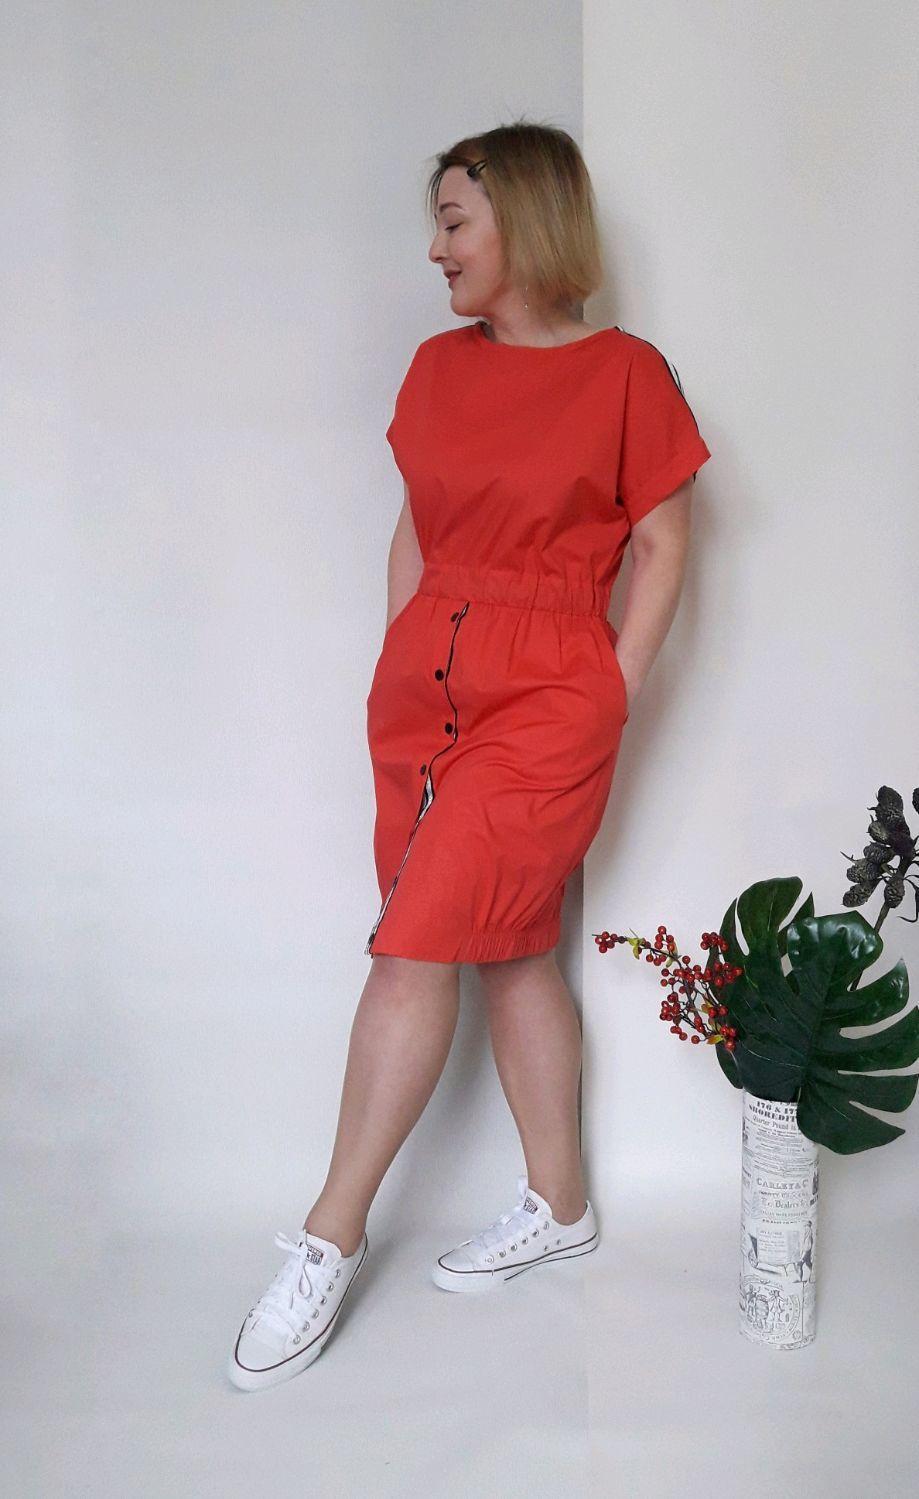 6a280ba72a0 Платья ручной работы. Ярмарка Мастеров - ручная работа. Купить Платье из  хлопка Red.